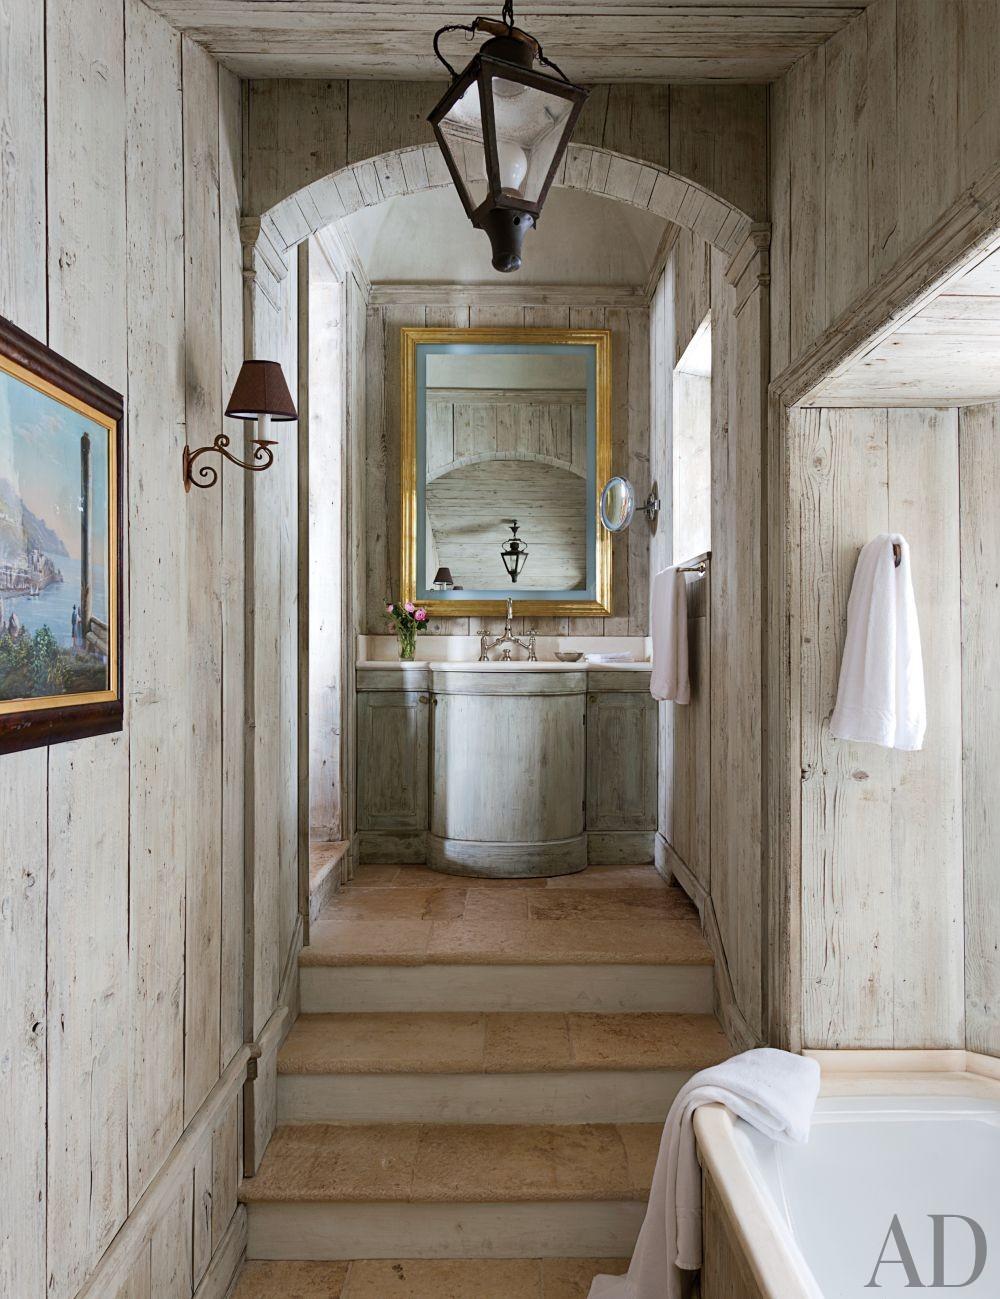 Rustic Bathroom by Studio Peregalli in Saint Moritz, Switzerland